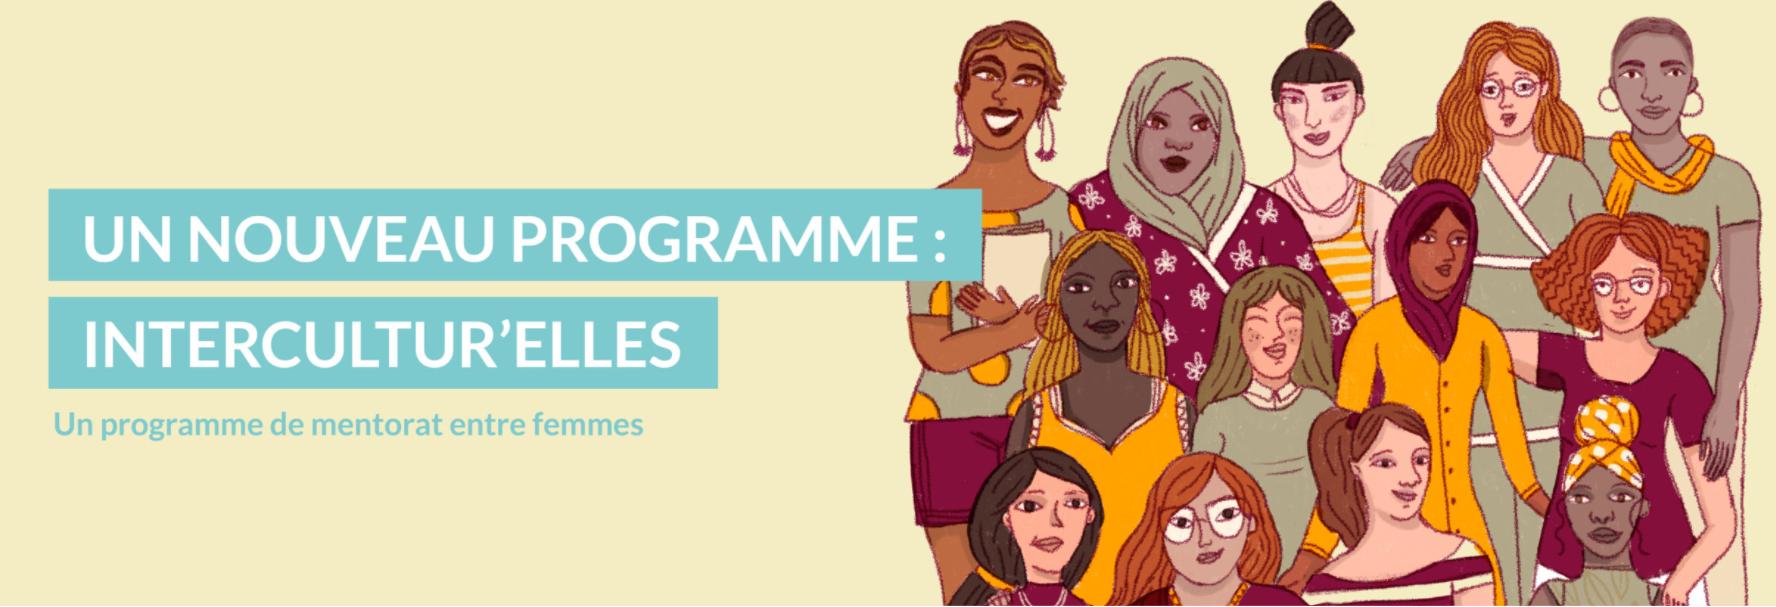 Intercultur'elles - Programme de mentorat entre femmes - UniR